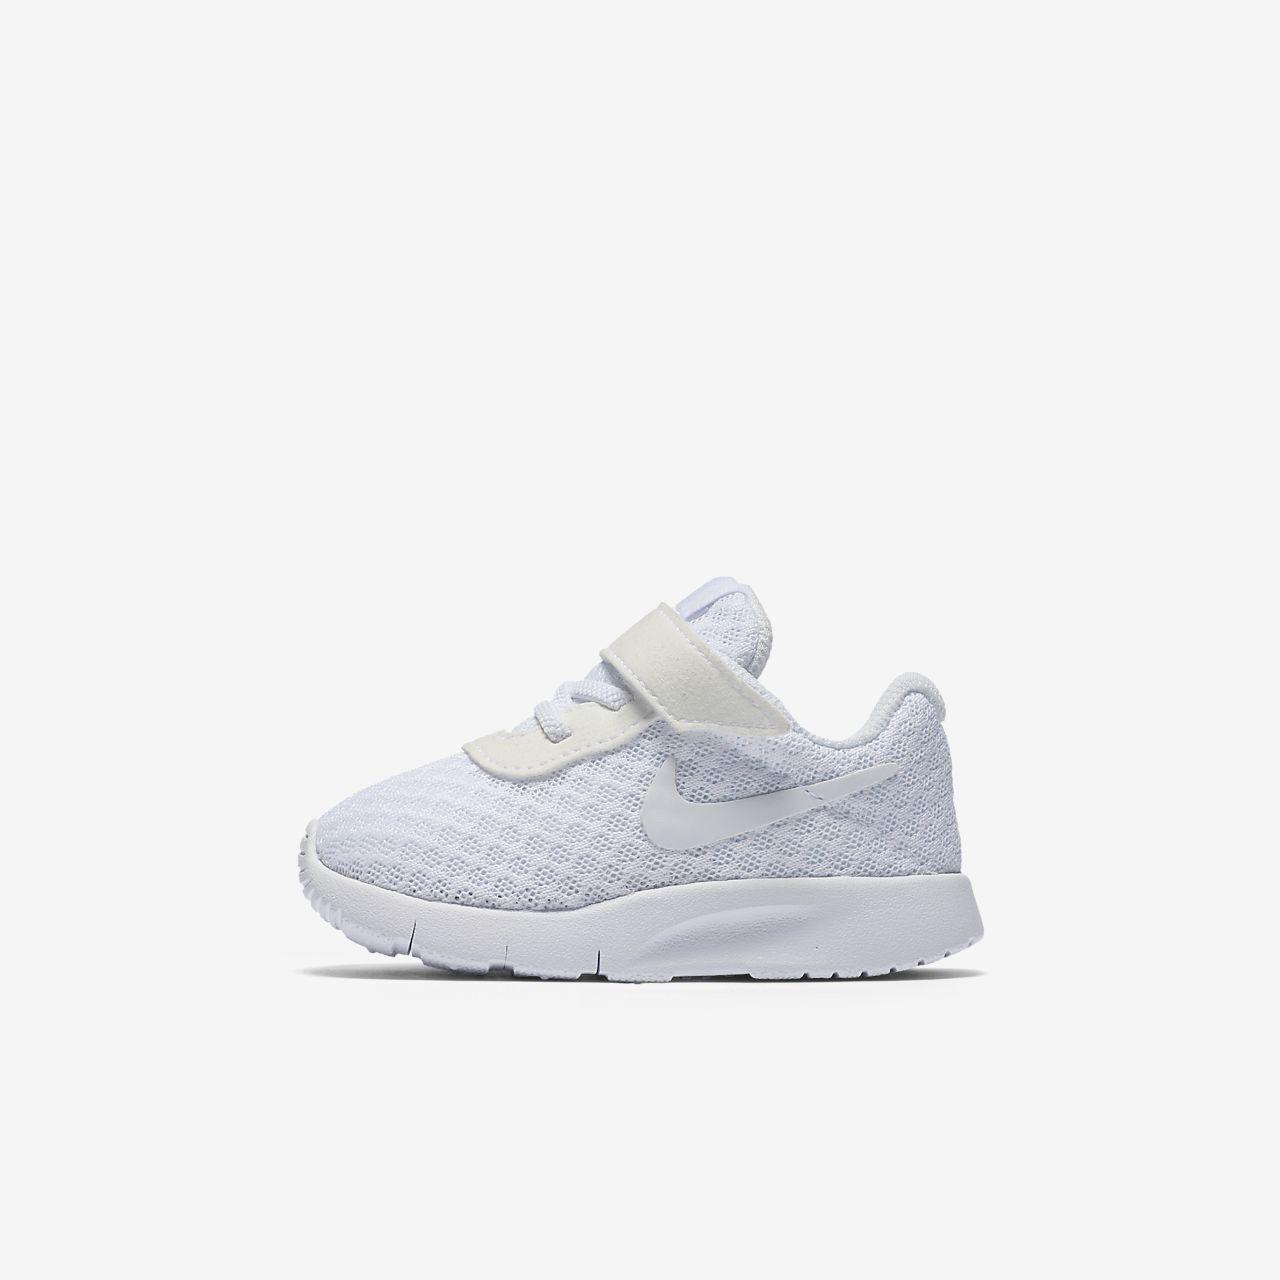 Donde Comprar NIKE Sneakers Nike Tanjun Baby bianco Gran Sorpresa El Precio Barato Aclaramiento Última Salida Comercializable CEuTAMH